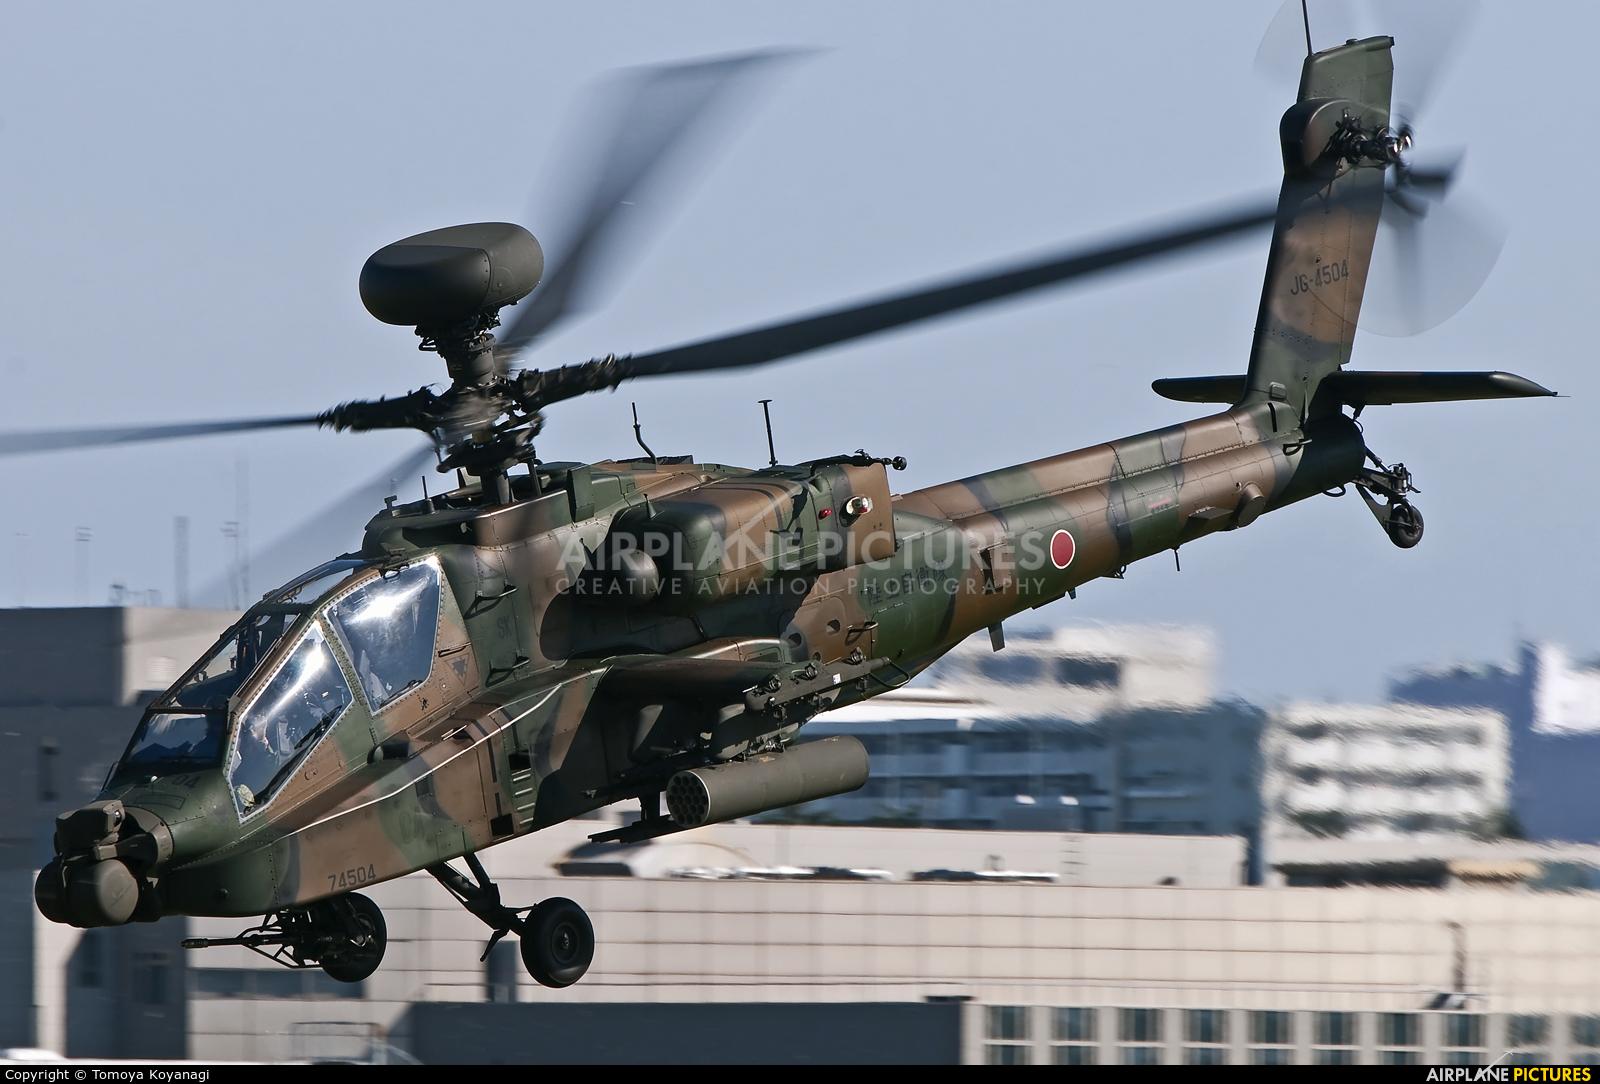 Japan - Ground Self Defense Force 74504 aircraft at Tachikawa